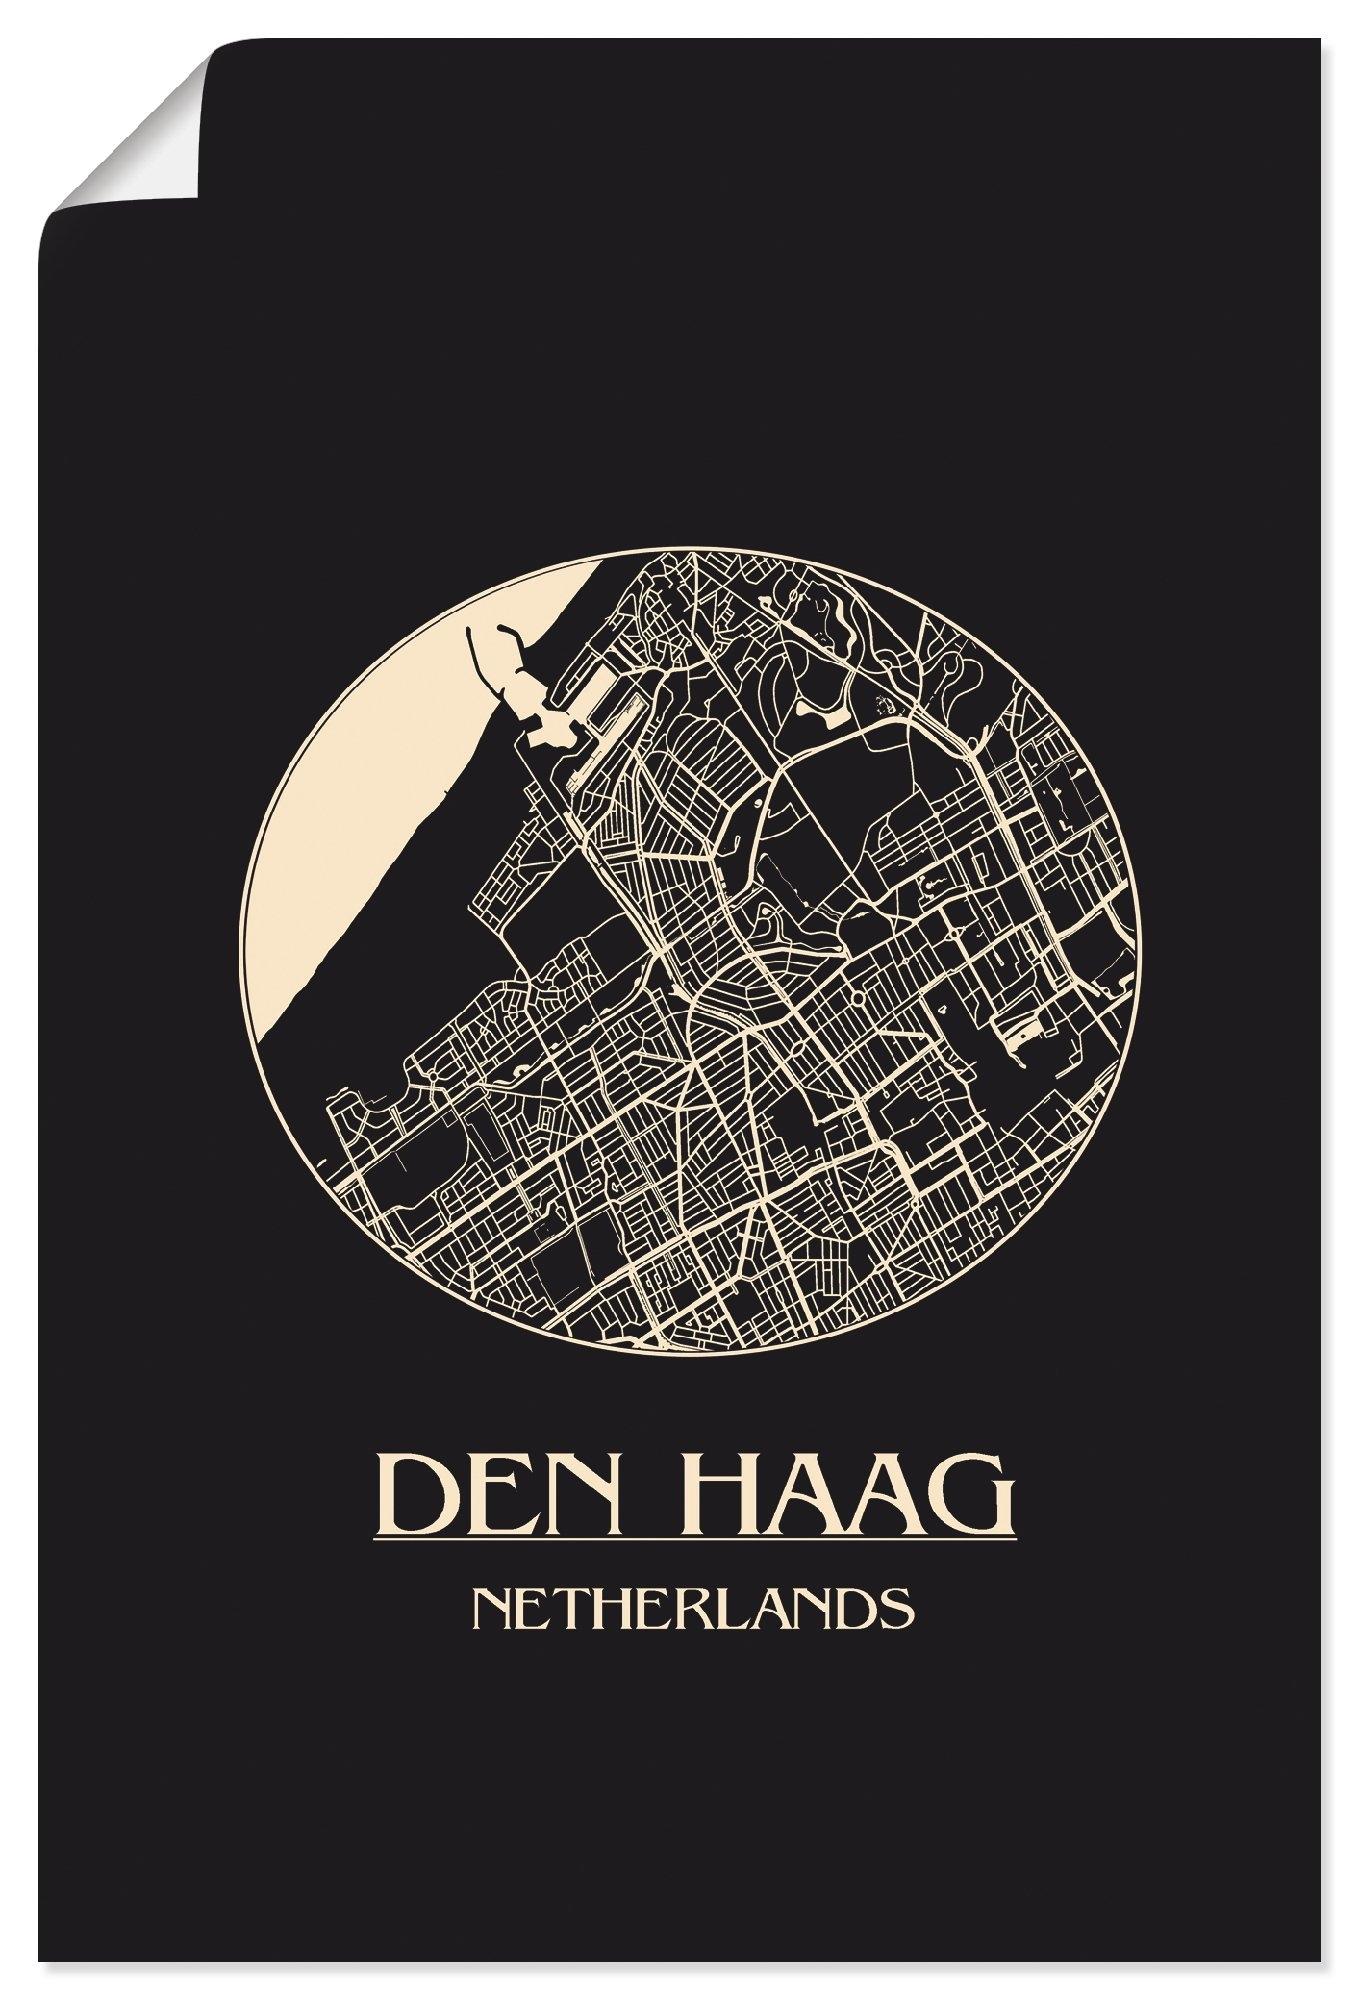 Artland artprint Retro kaart Den Haag cirkel in vele afmetingen & productsoorten - artprint van aluminium / artprint voor buiten, artprint op linnen, poster, muursticker / wandfolie ook geschikt voor de badkamer (1 stuk) - verschillende betaalmethodes